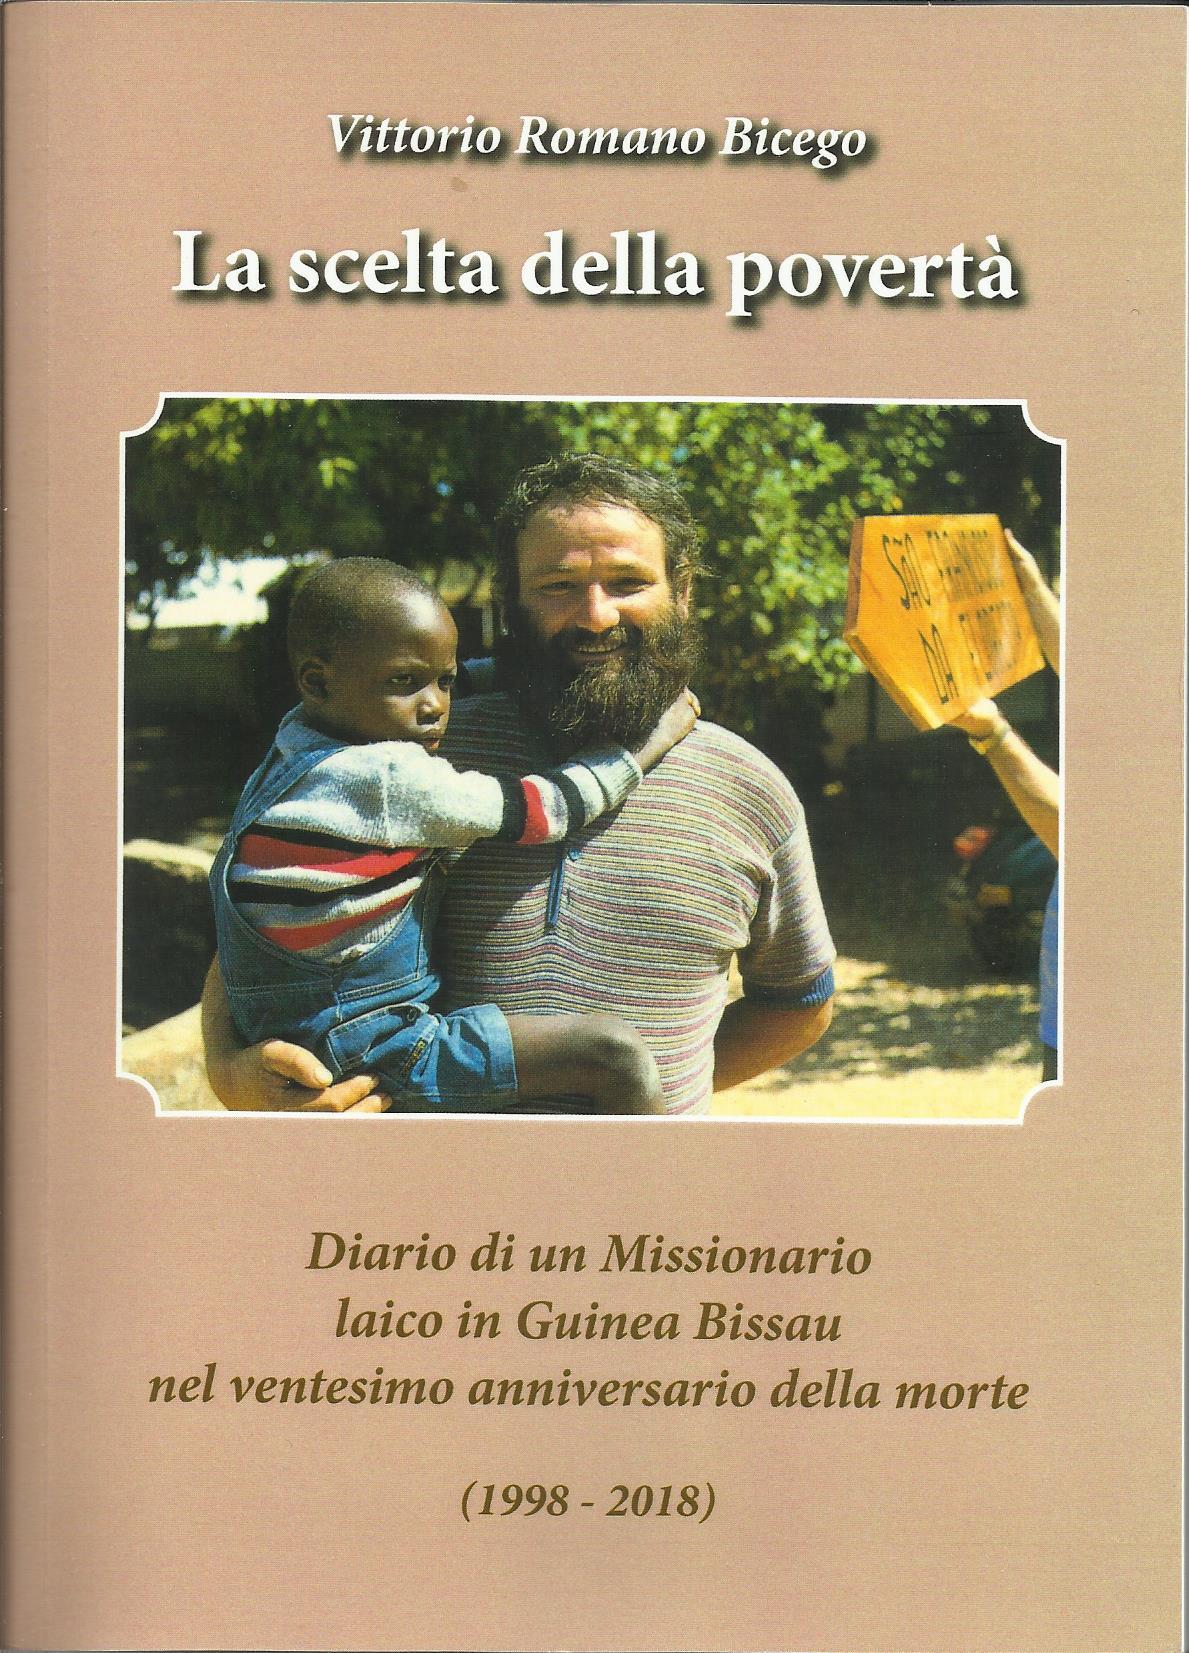 Aulo Crisma: La scelta della povertà